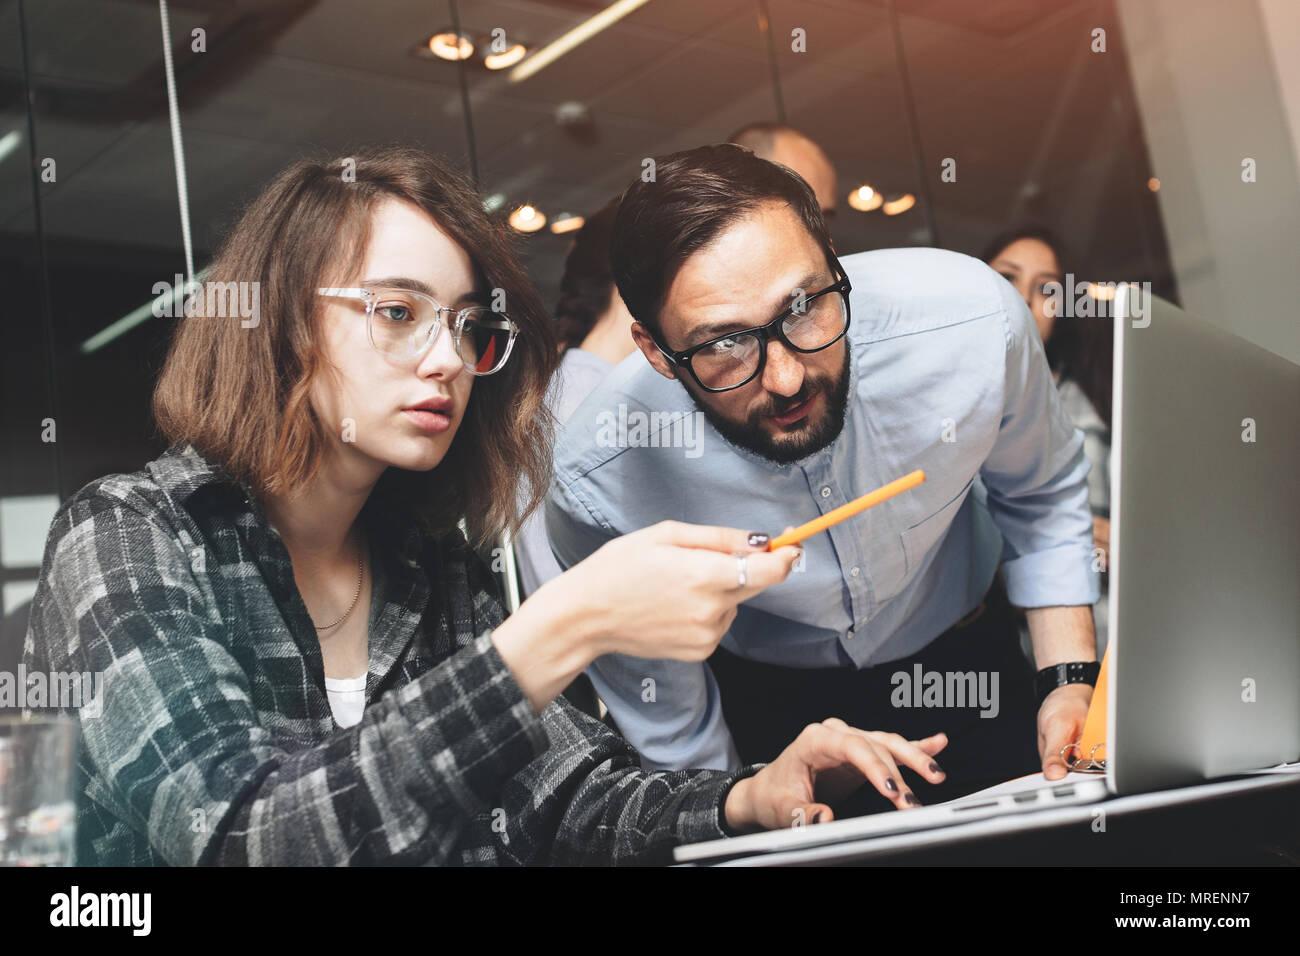 Joven y bella mujer de negocios en vidrios con un lápiz en la mano muestra el análisis de proyecto a su socio comercial barbudo. Los jóvenes compañeros worki Imagen De Stock